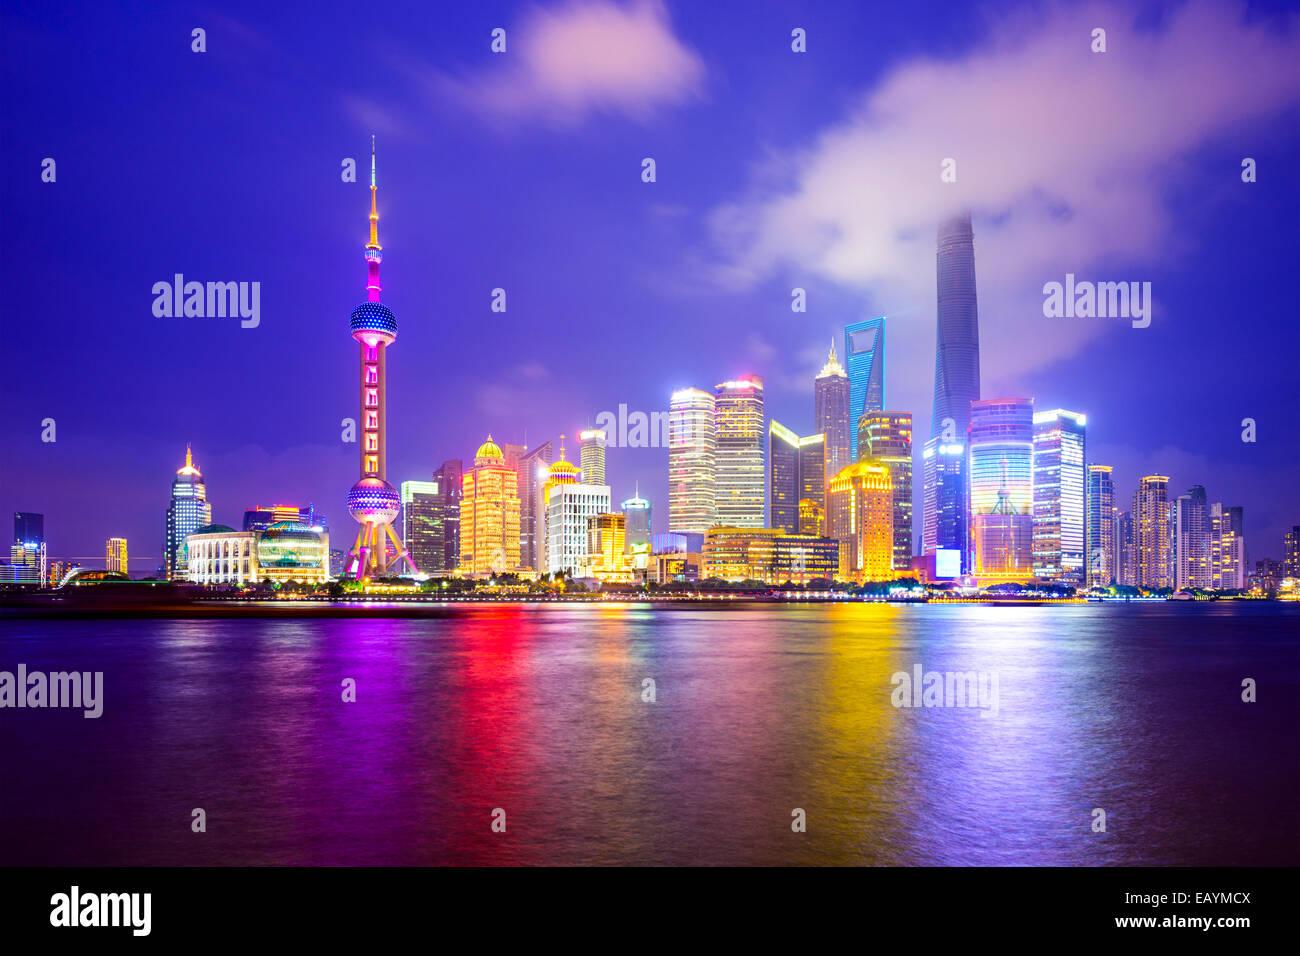 Shanghai, Chine sur les toits de la ville du Quartier Financier de Pudong. Banque D'Images